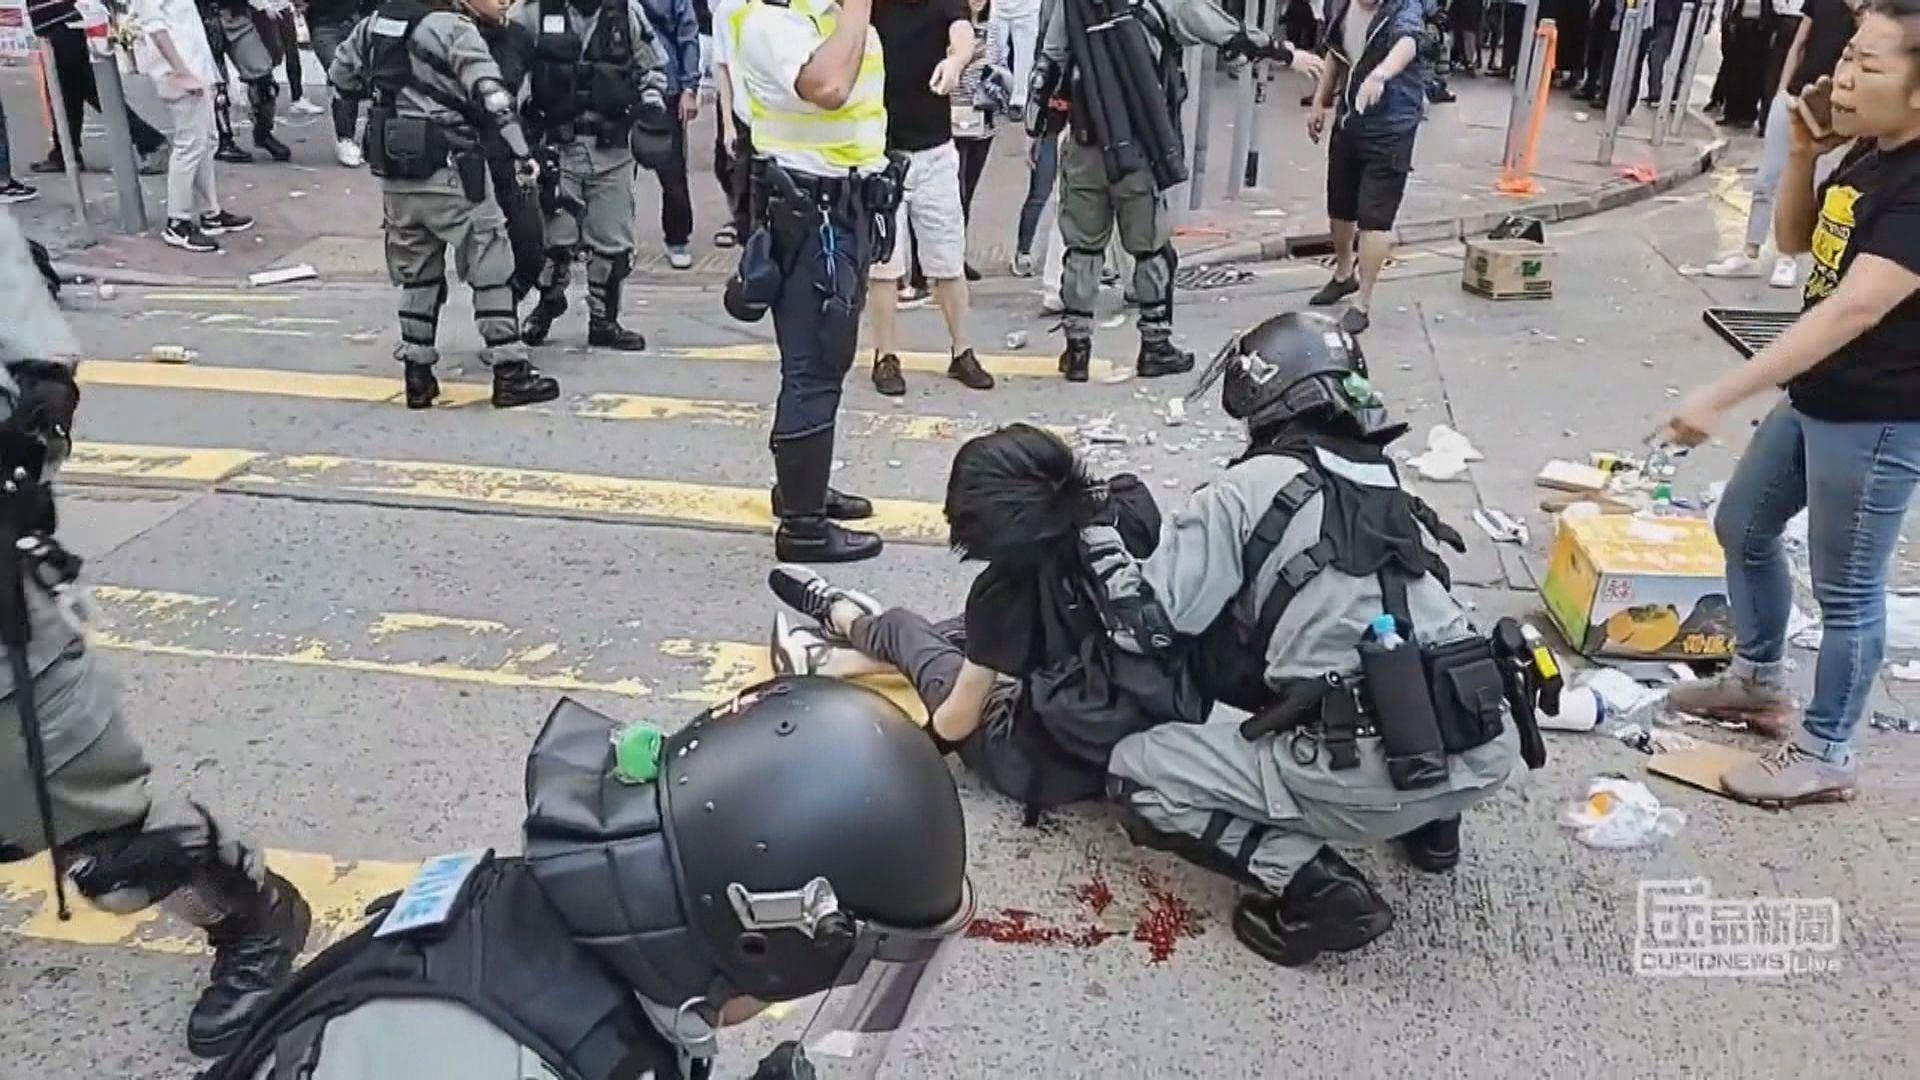 示威者被槍傷 警稱移動傷者警員不知其受傷